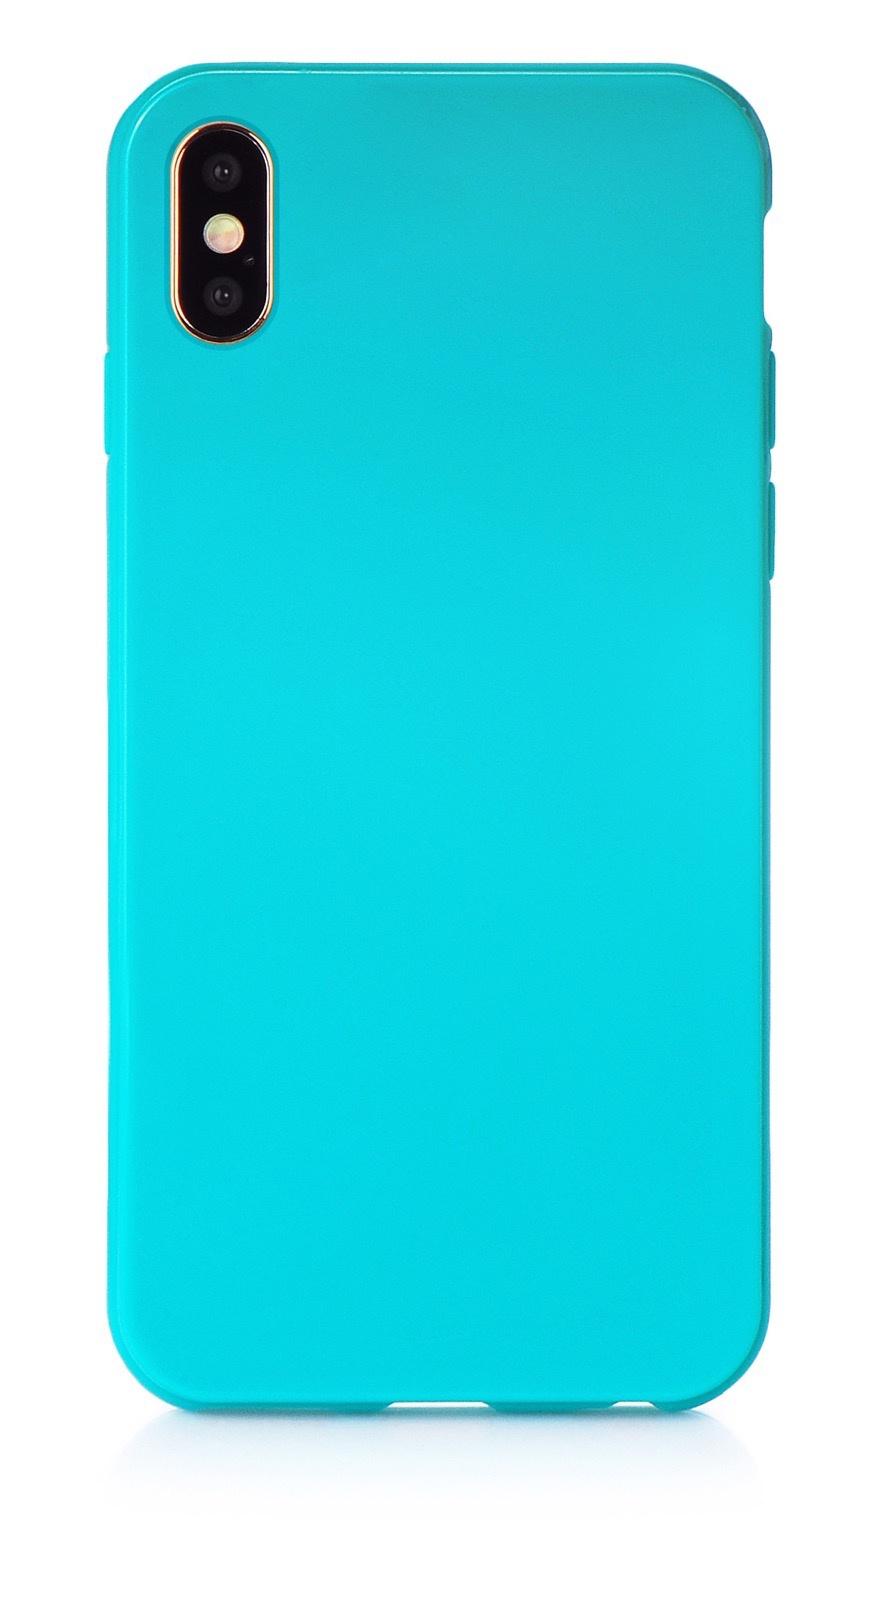 """Чехол для сотового телефона iNeez накладка силикон мыльница 907279 для Apple Iphone XS Max 6.5"""", бирюзовый"""